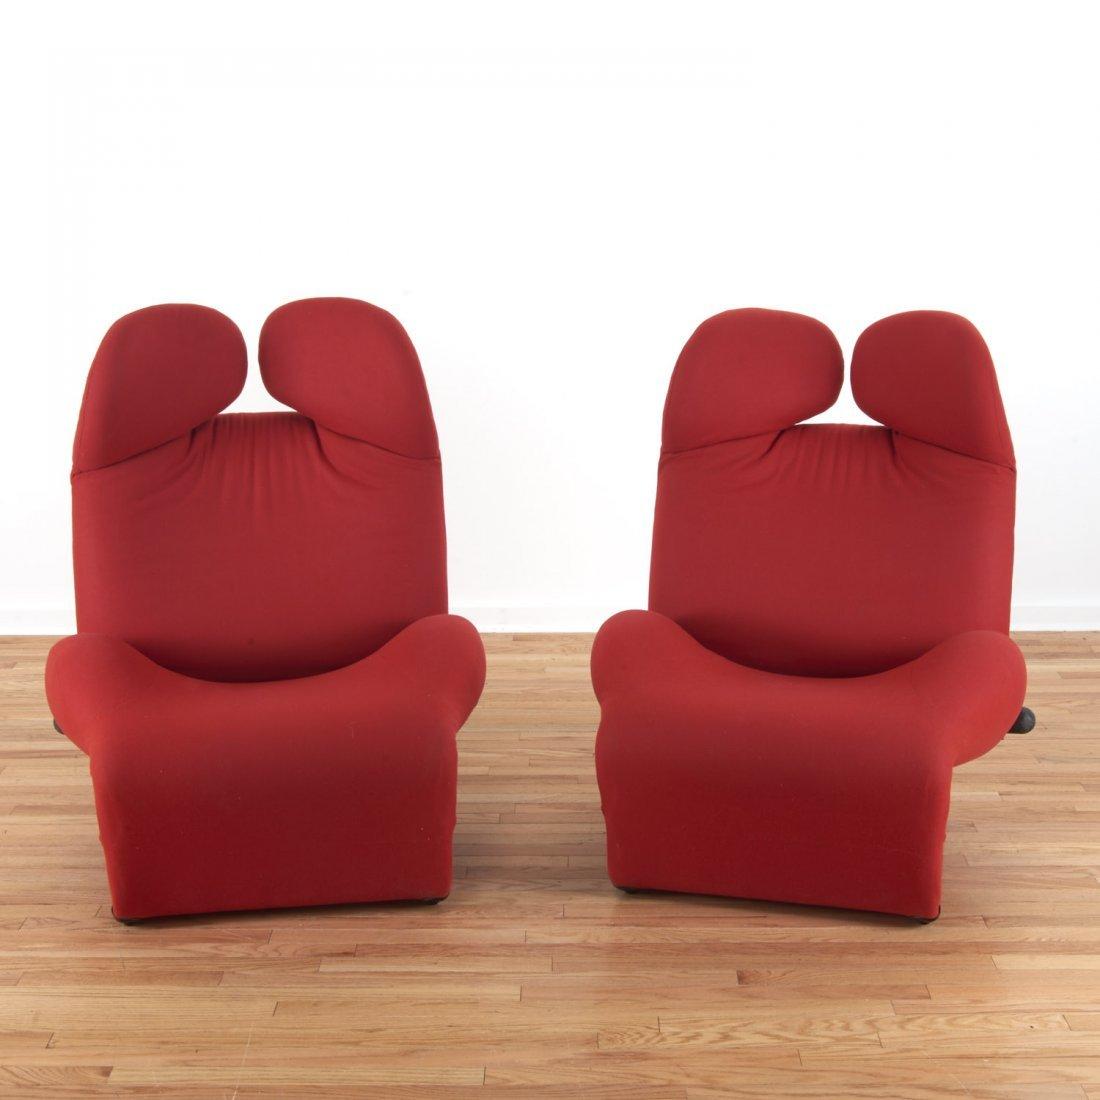 """Pair Toshiyuki Kita for Cassina """"Wink"""" chairs"""